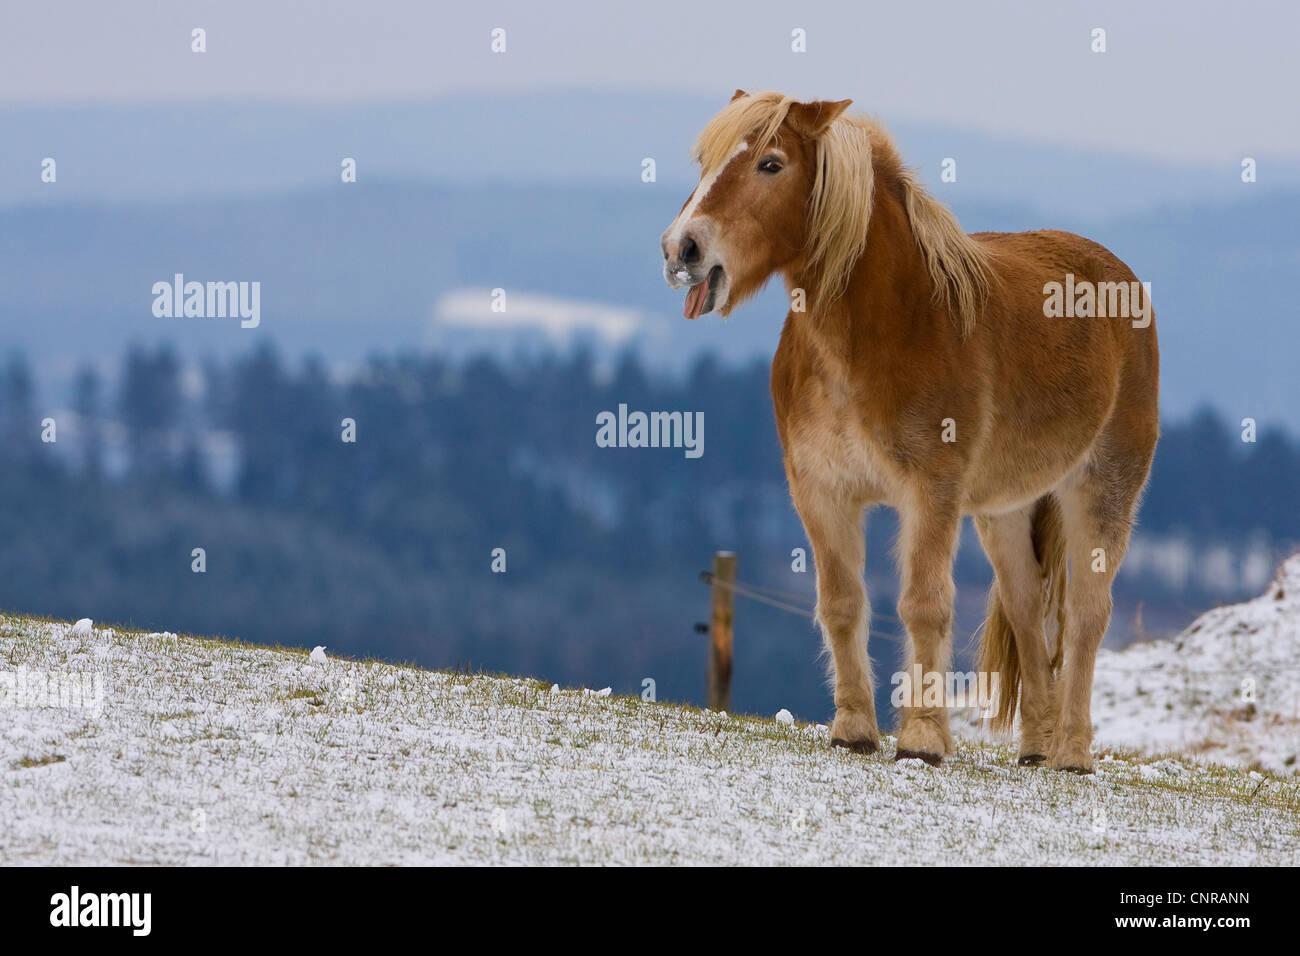 Haflinger horse (Equus przewalskii f. caballus), showing its tounge, Germany, Rhineland-Palatinate - Stock Image